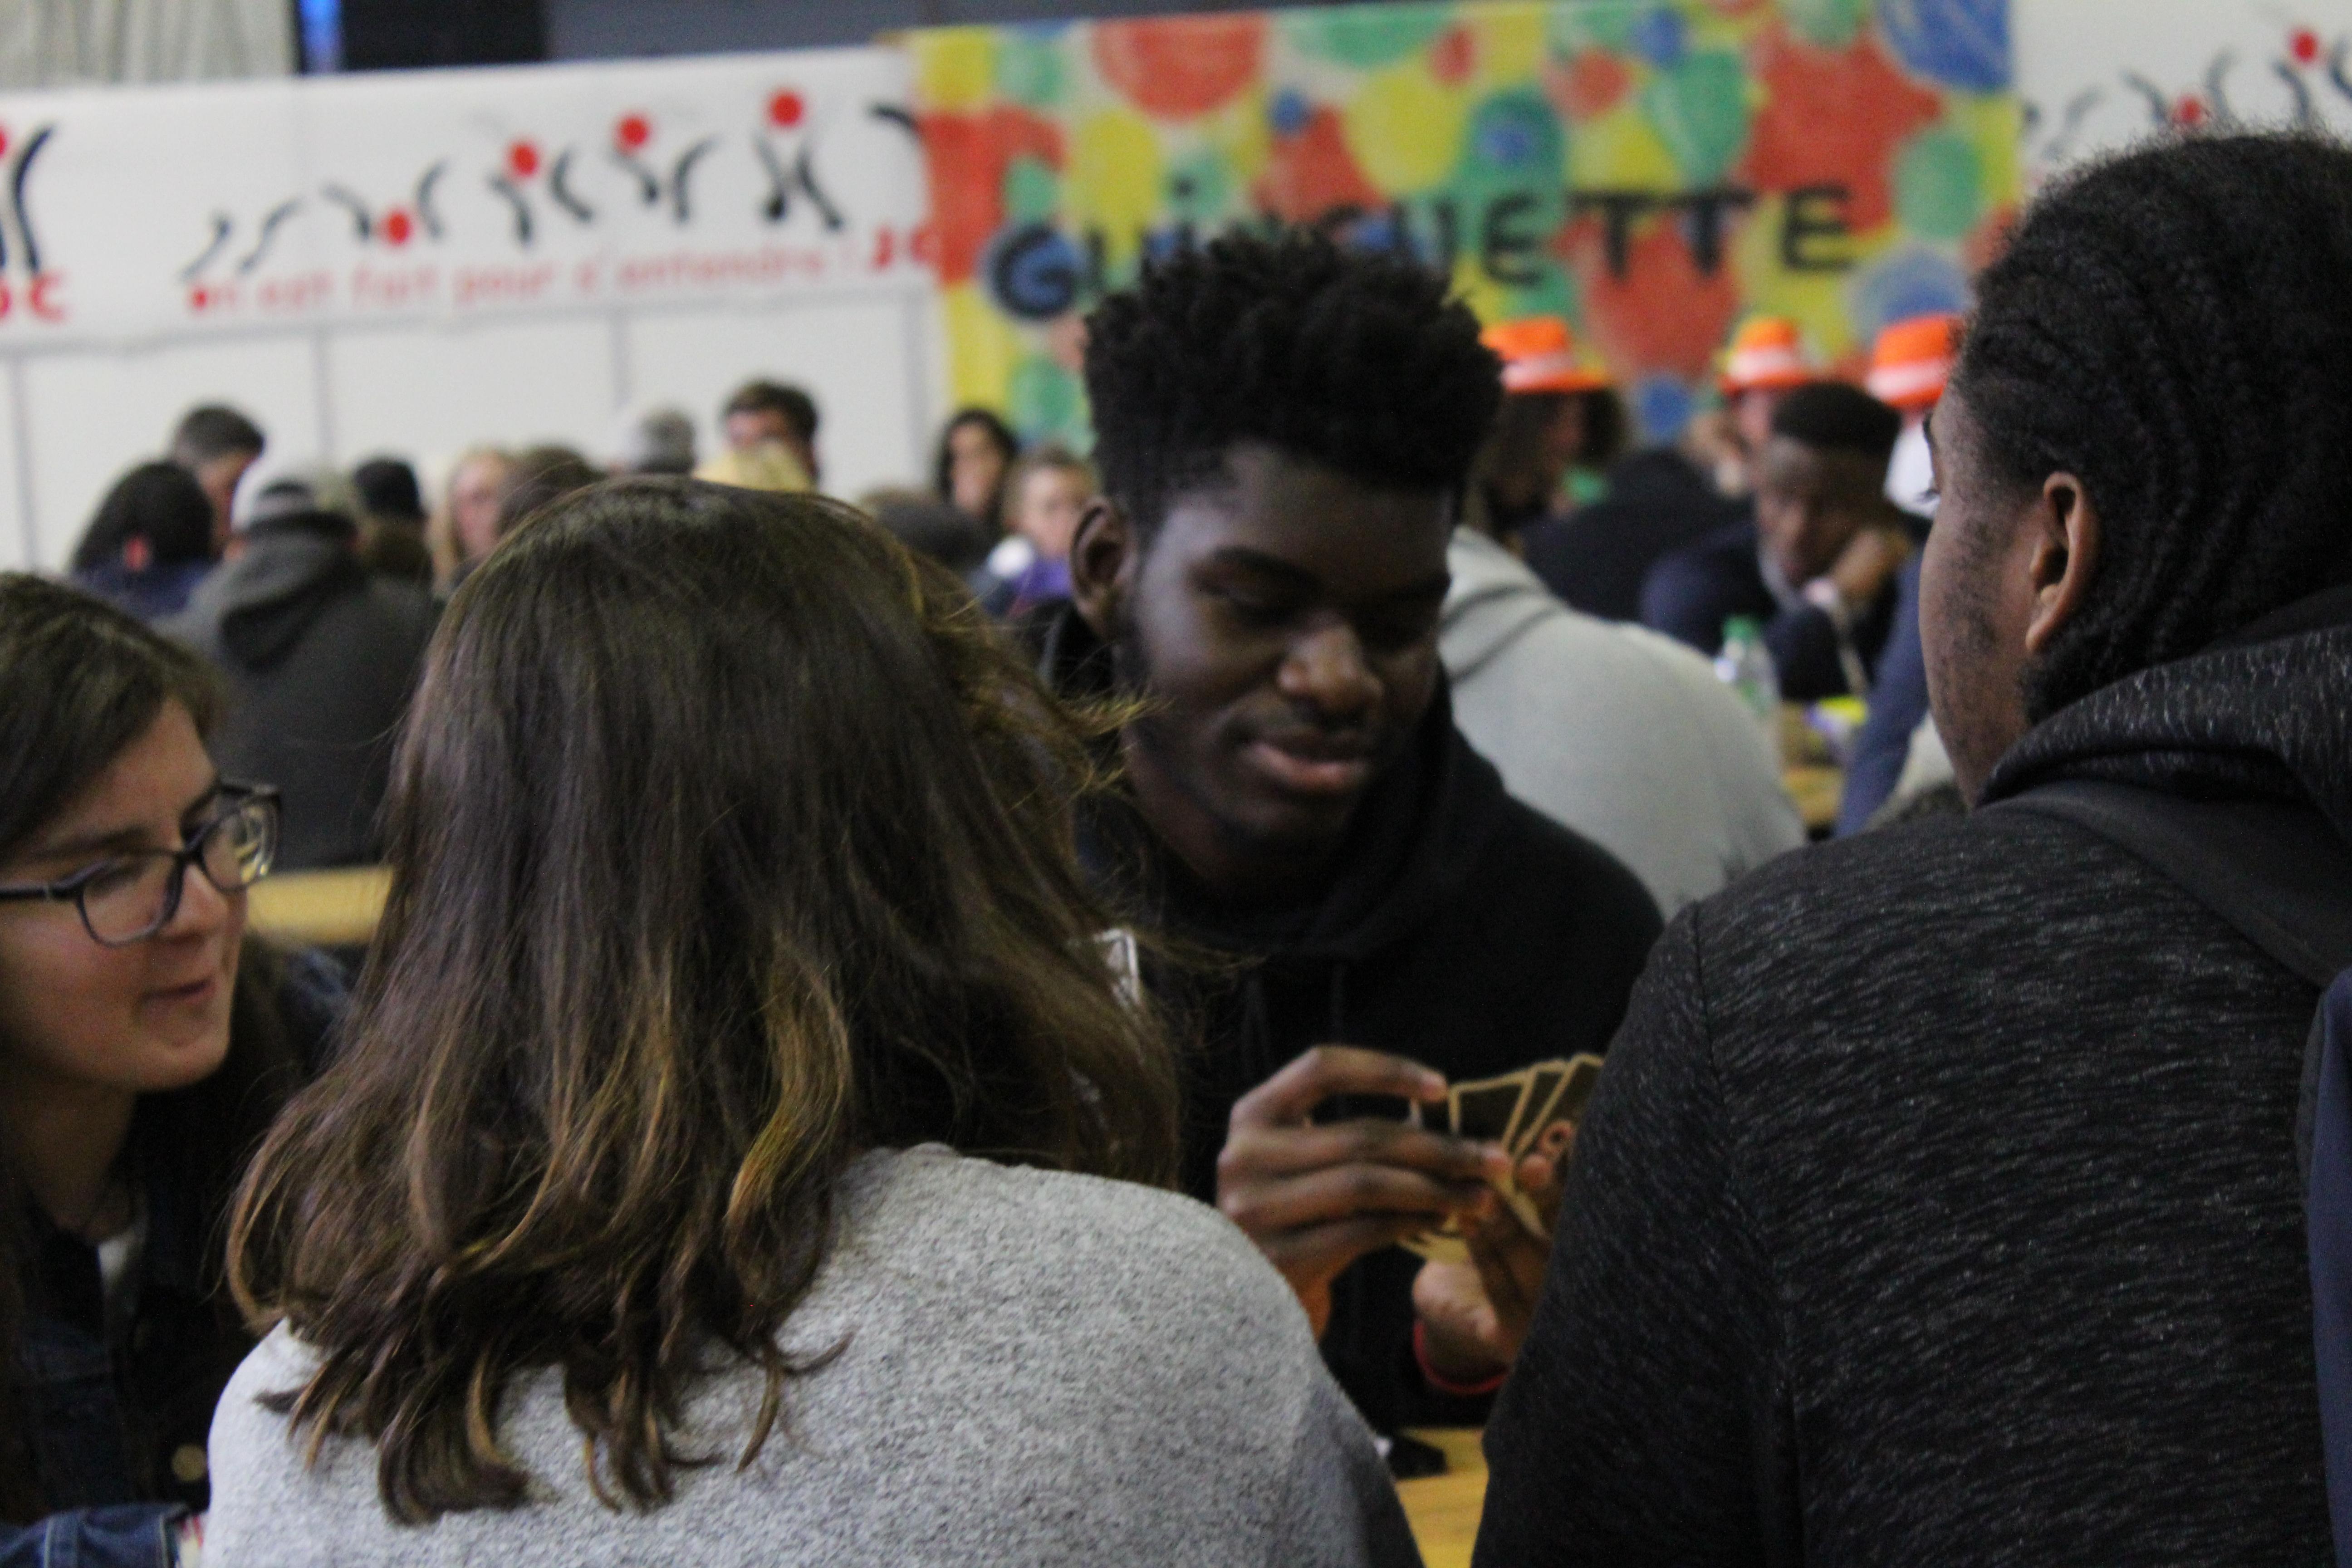 Favoriser l'engagement des jeunes dans une démarche d'éducation populaire en valorisant le bénévolat et en reconnaissant les compétences acquises - Jeunesse Ouvrière Chrétienne